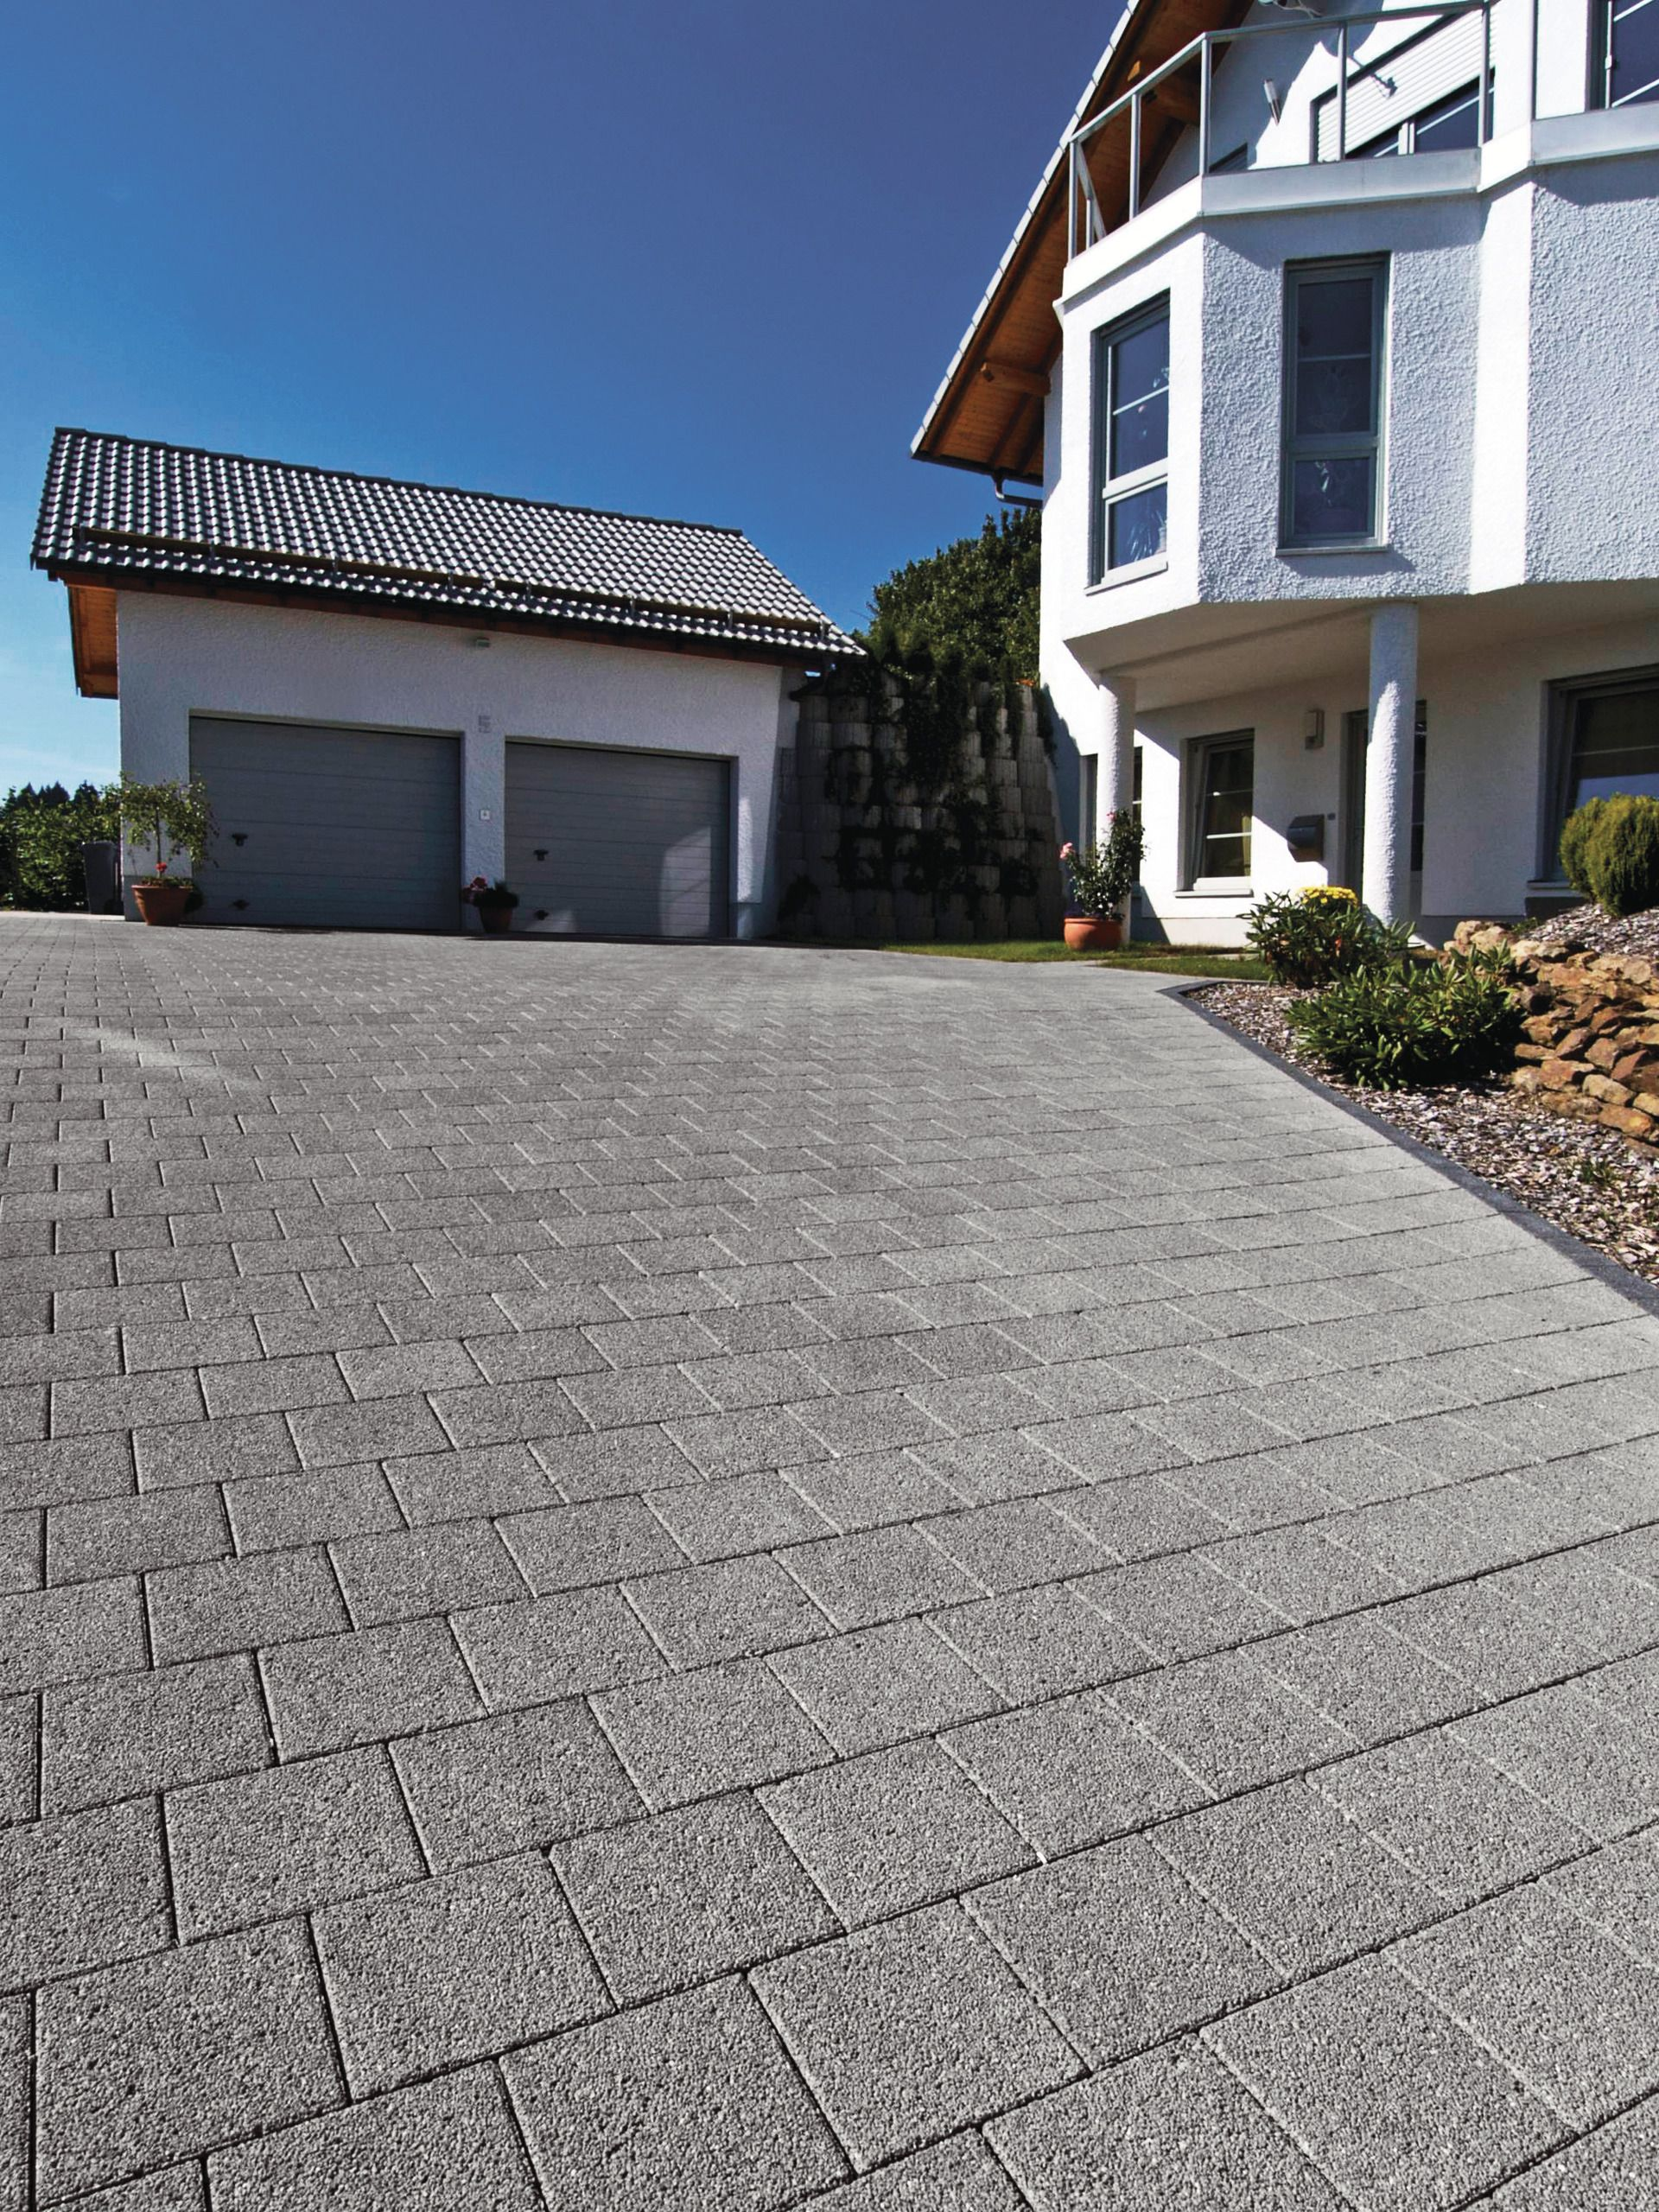 Pflastersteine anthrazit garageneinfahrt  Garageneinfahrt in Hanglage mit grauem Pflaster | Einfahrt | Pinterest